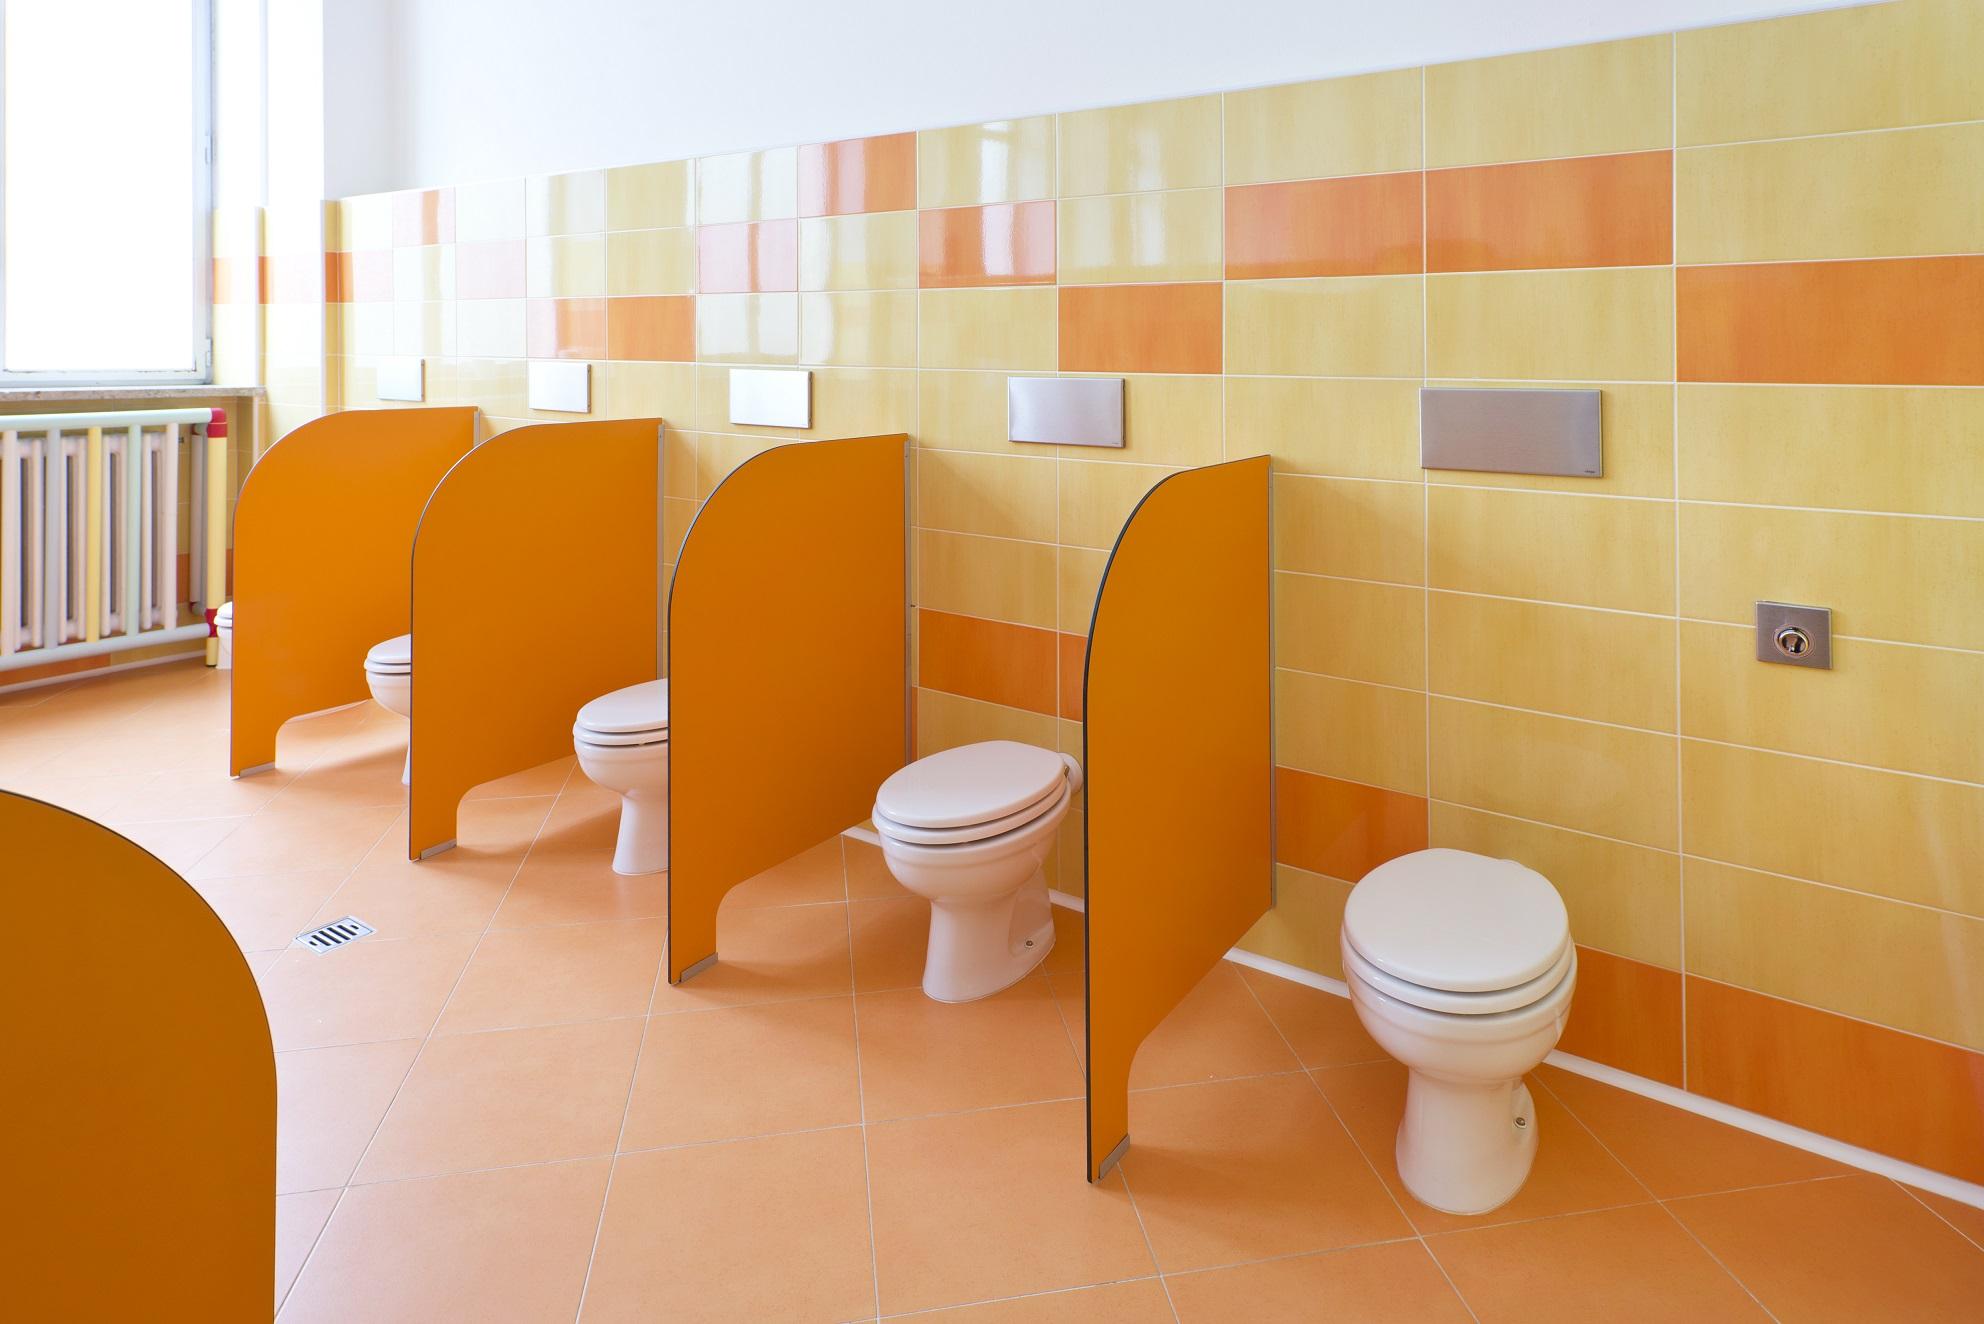 Per l 39 asilo un bagno a misura di bambino gt il giornale del termoidraulico - Bagni per uffici ...